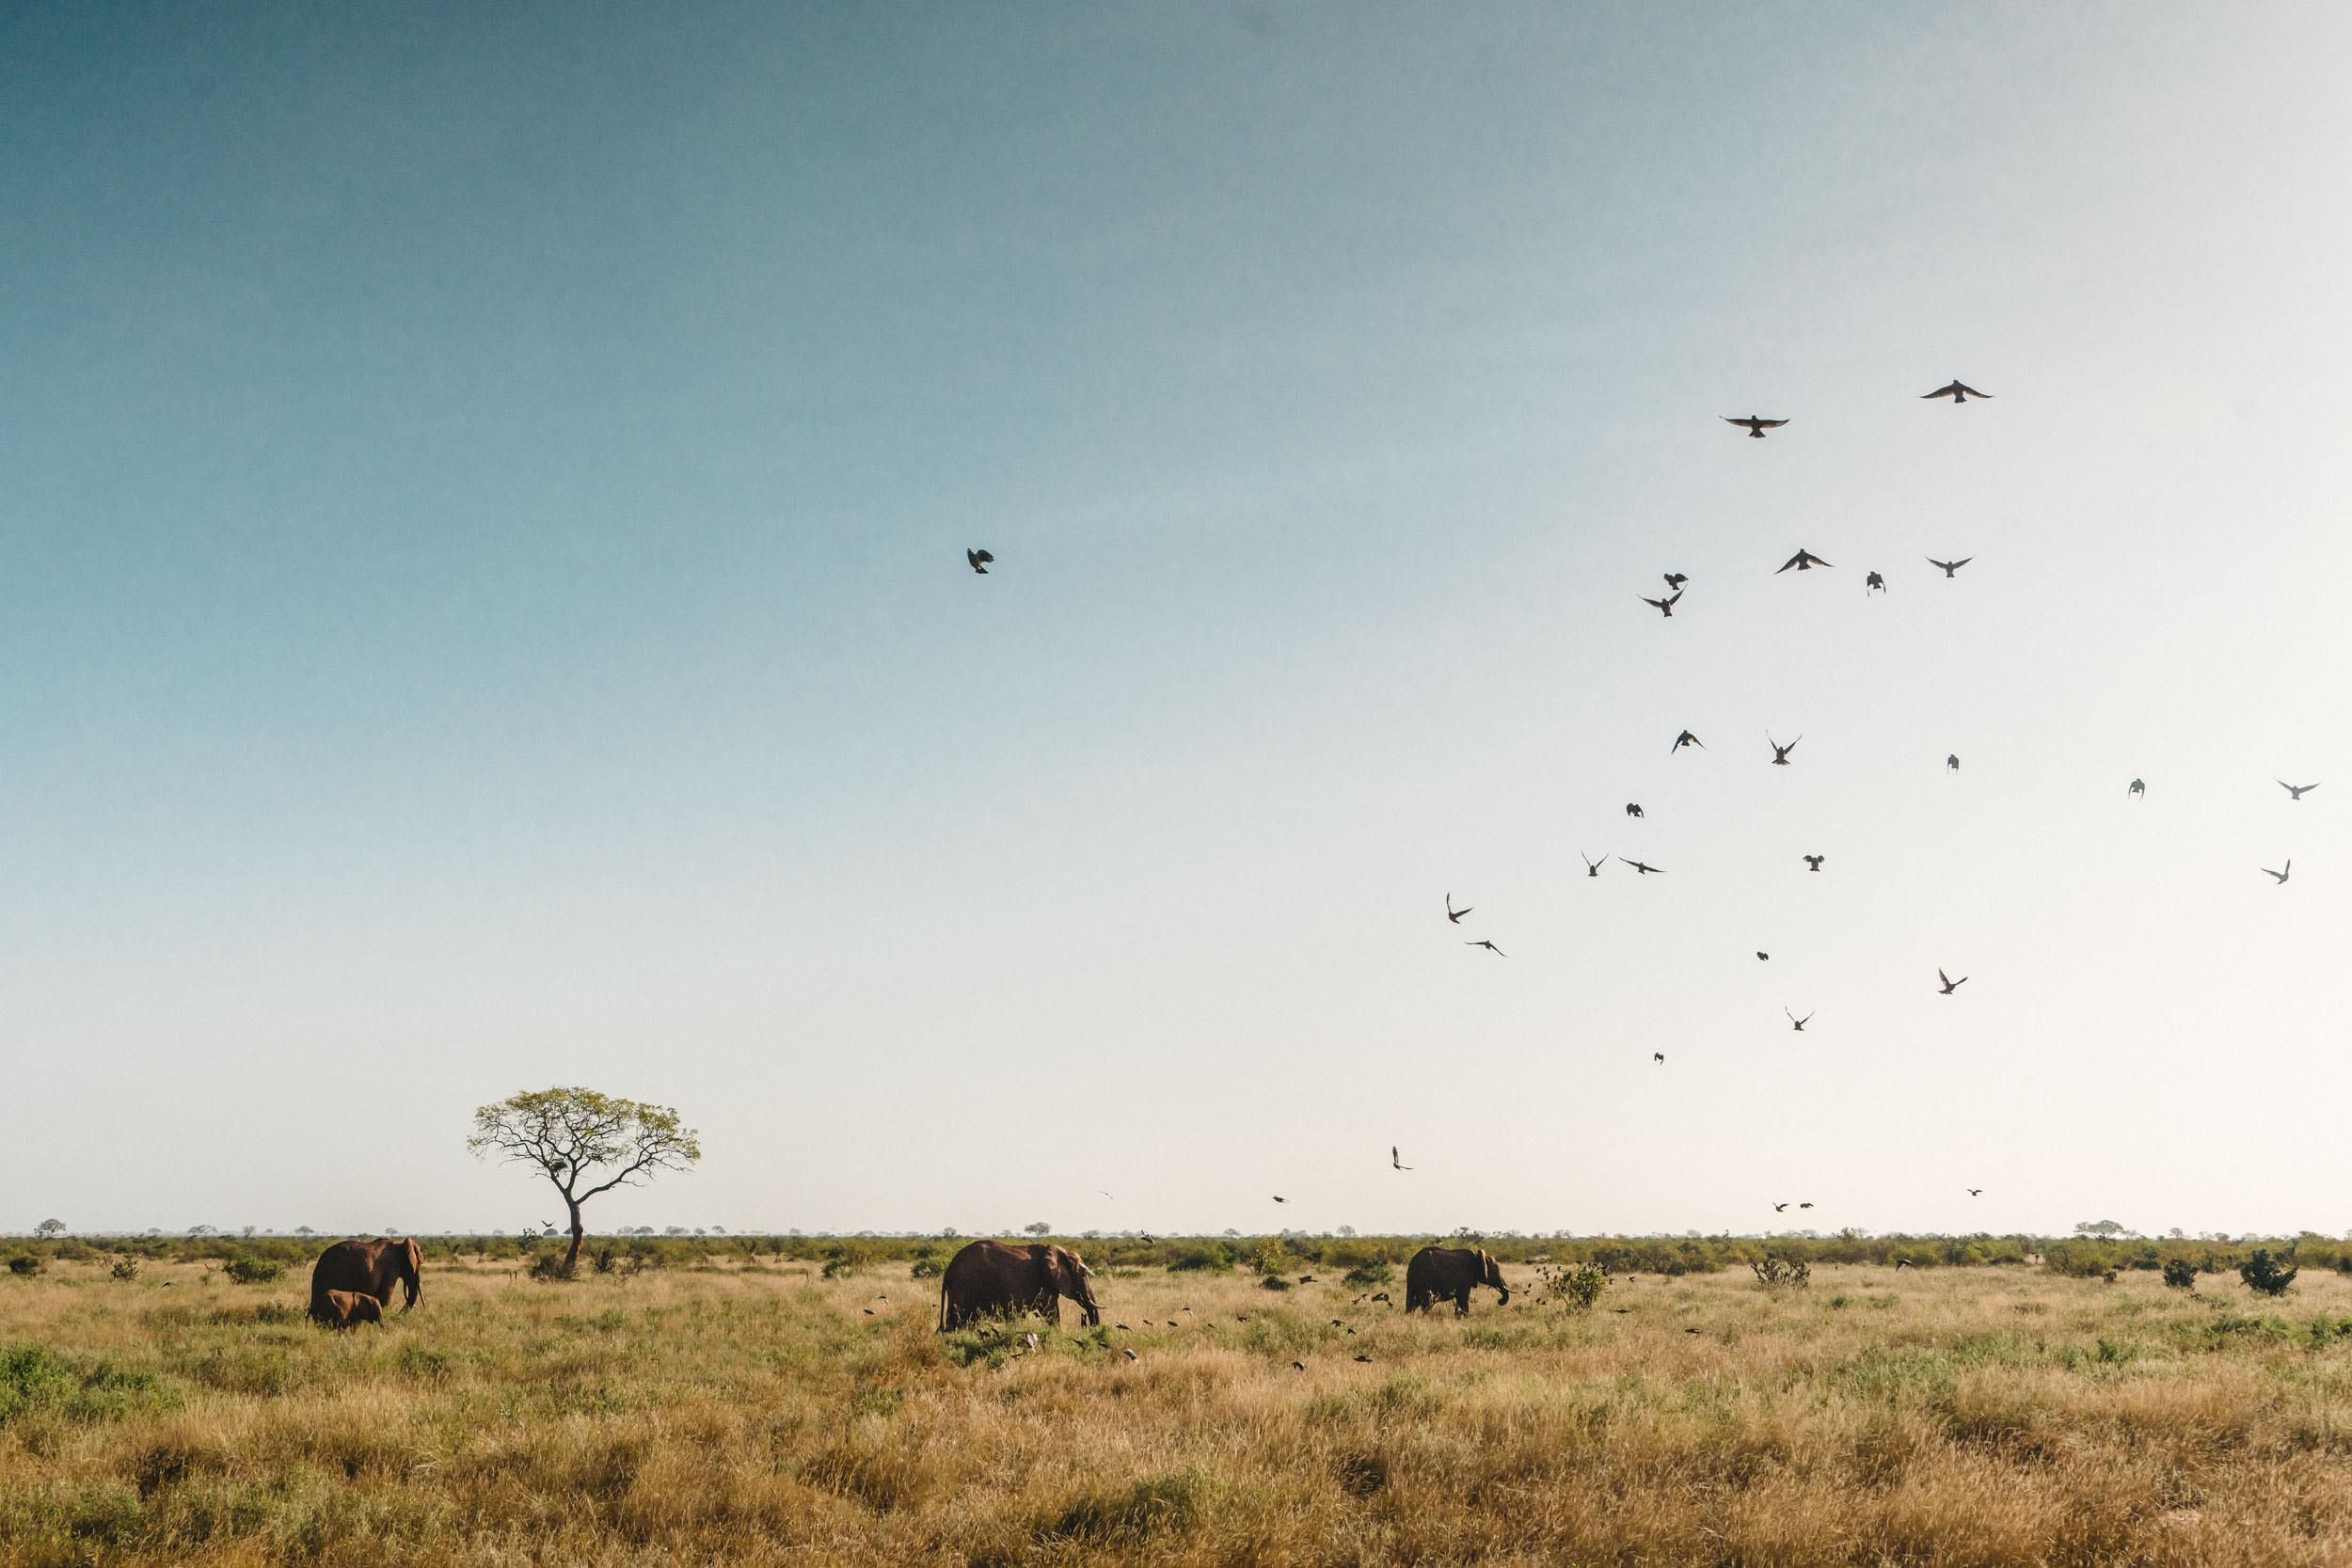 Elephants African landscape.jpg